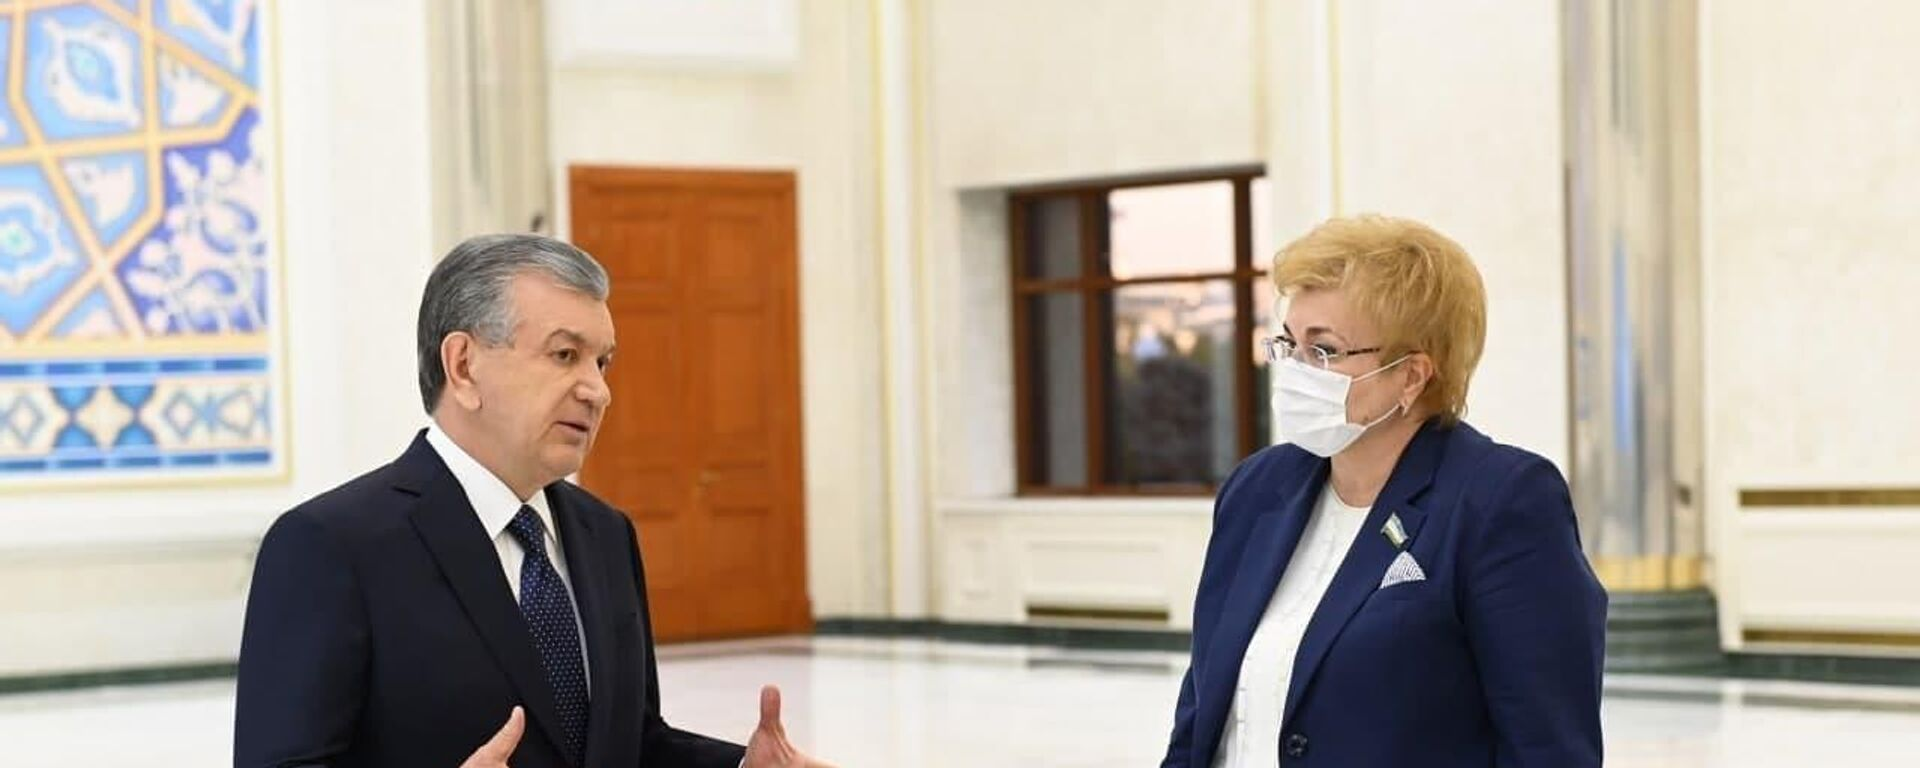 Президент Узбекистана Шавкат Мирзиёев на презентации итогов развития хирургической службы - Sputnik Узбекистан, 1920, 14.09.2021